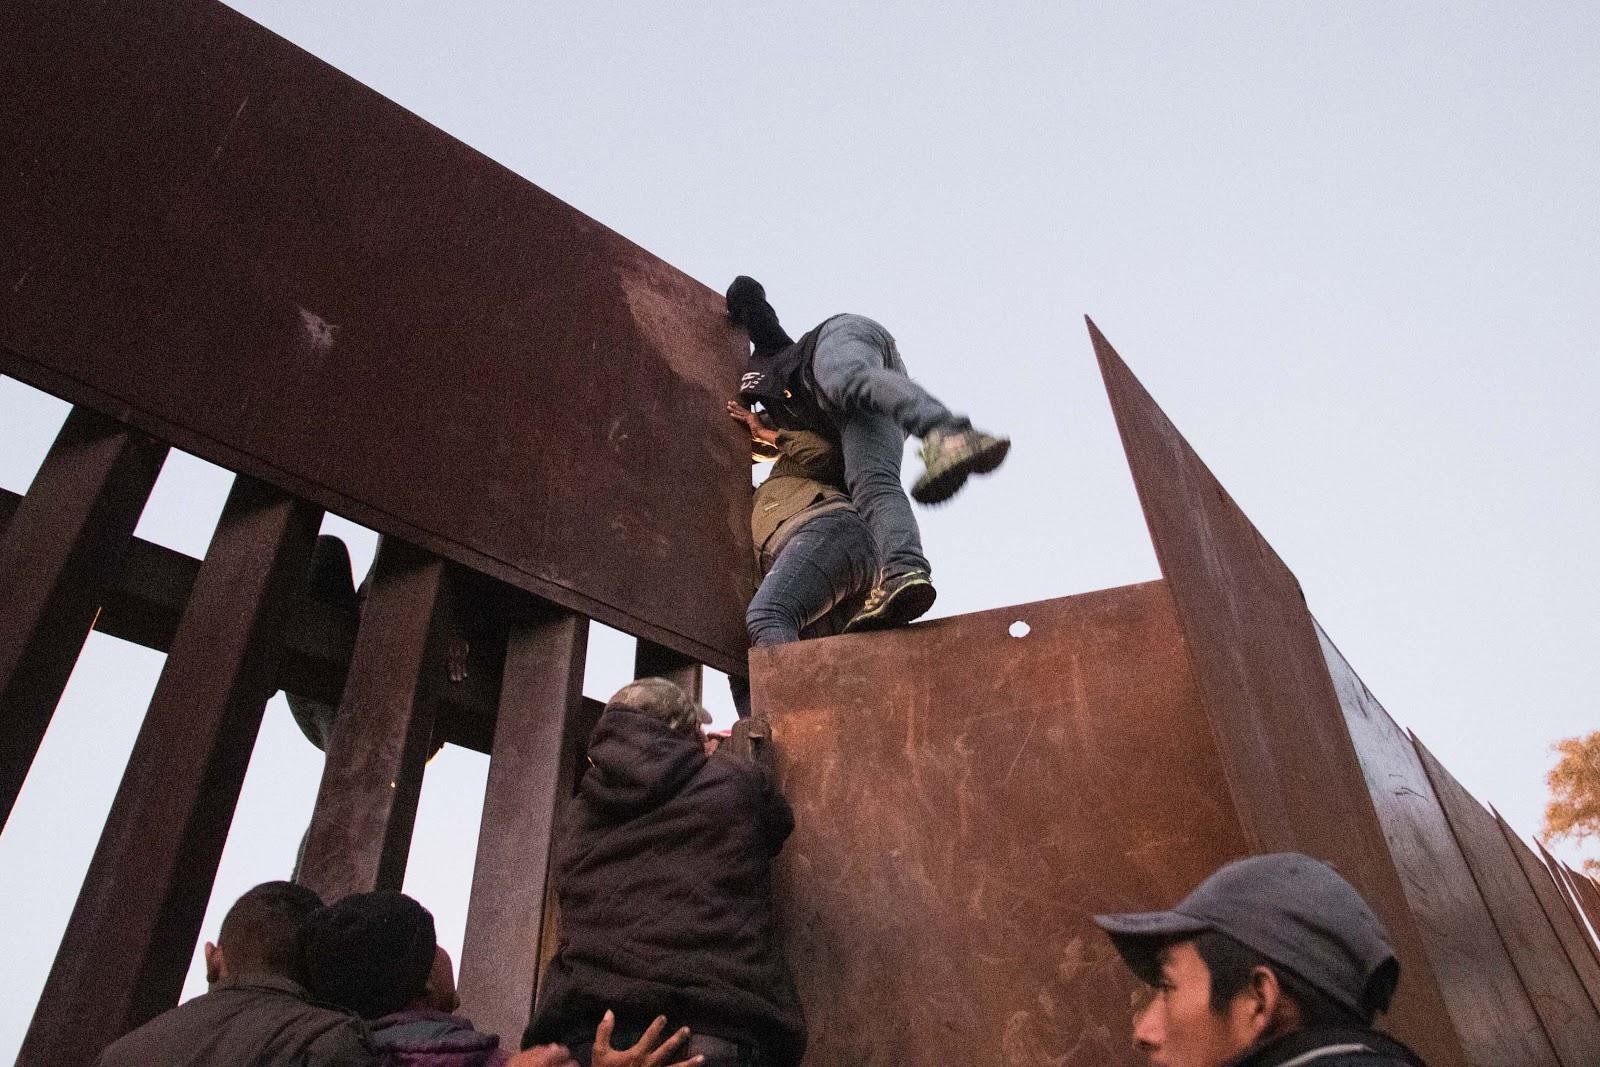 scale border wall, Tijuana